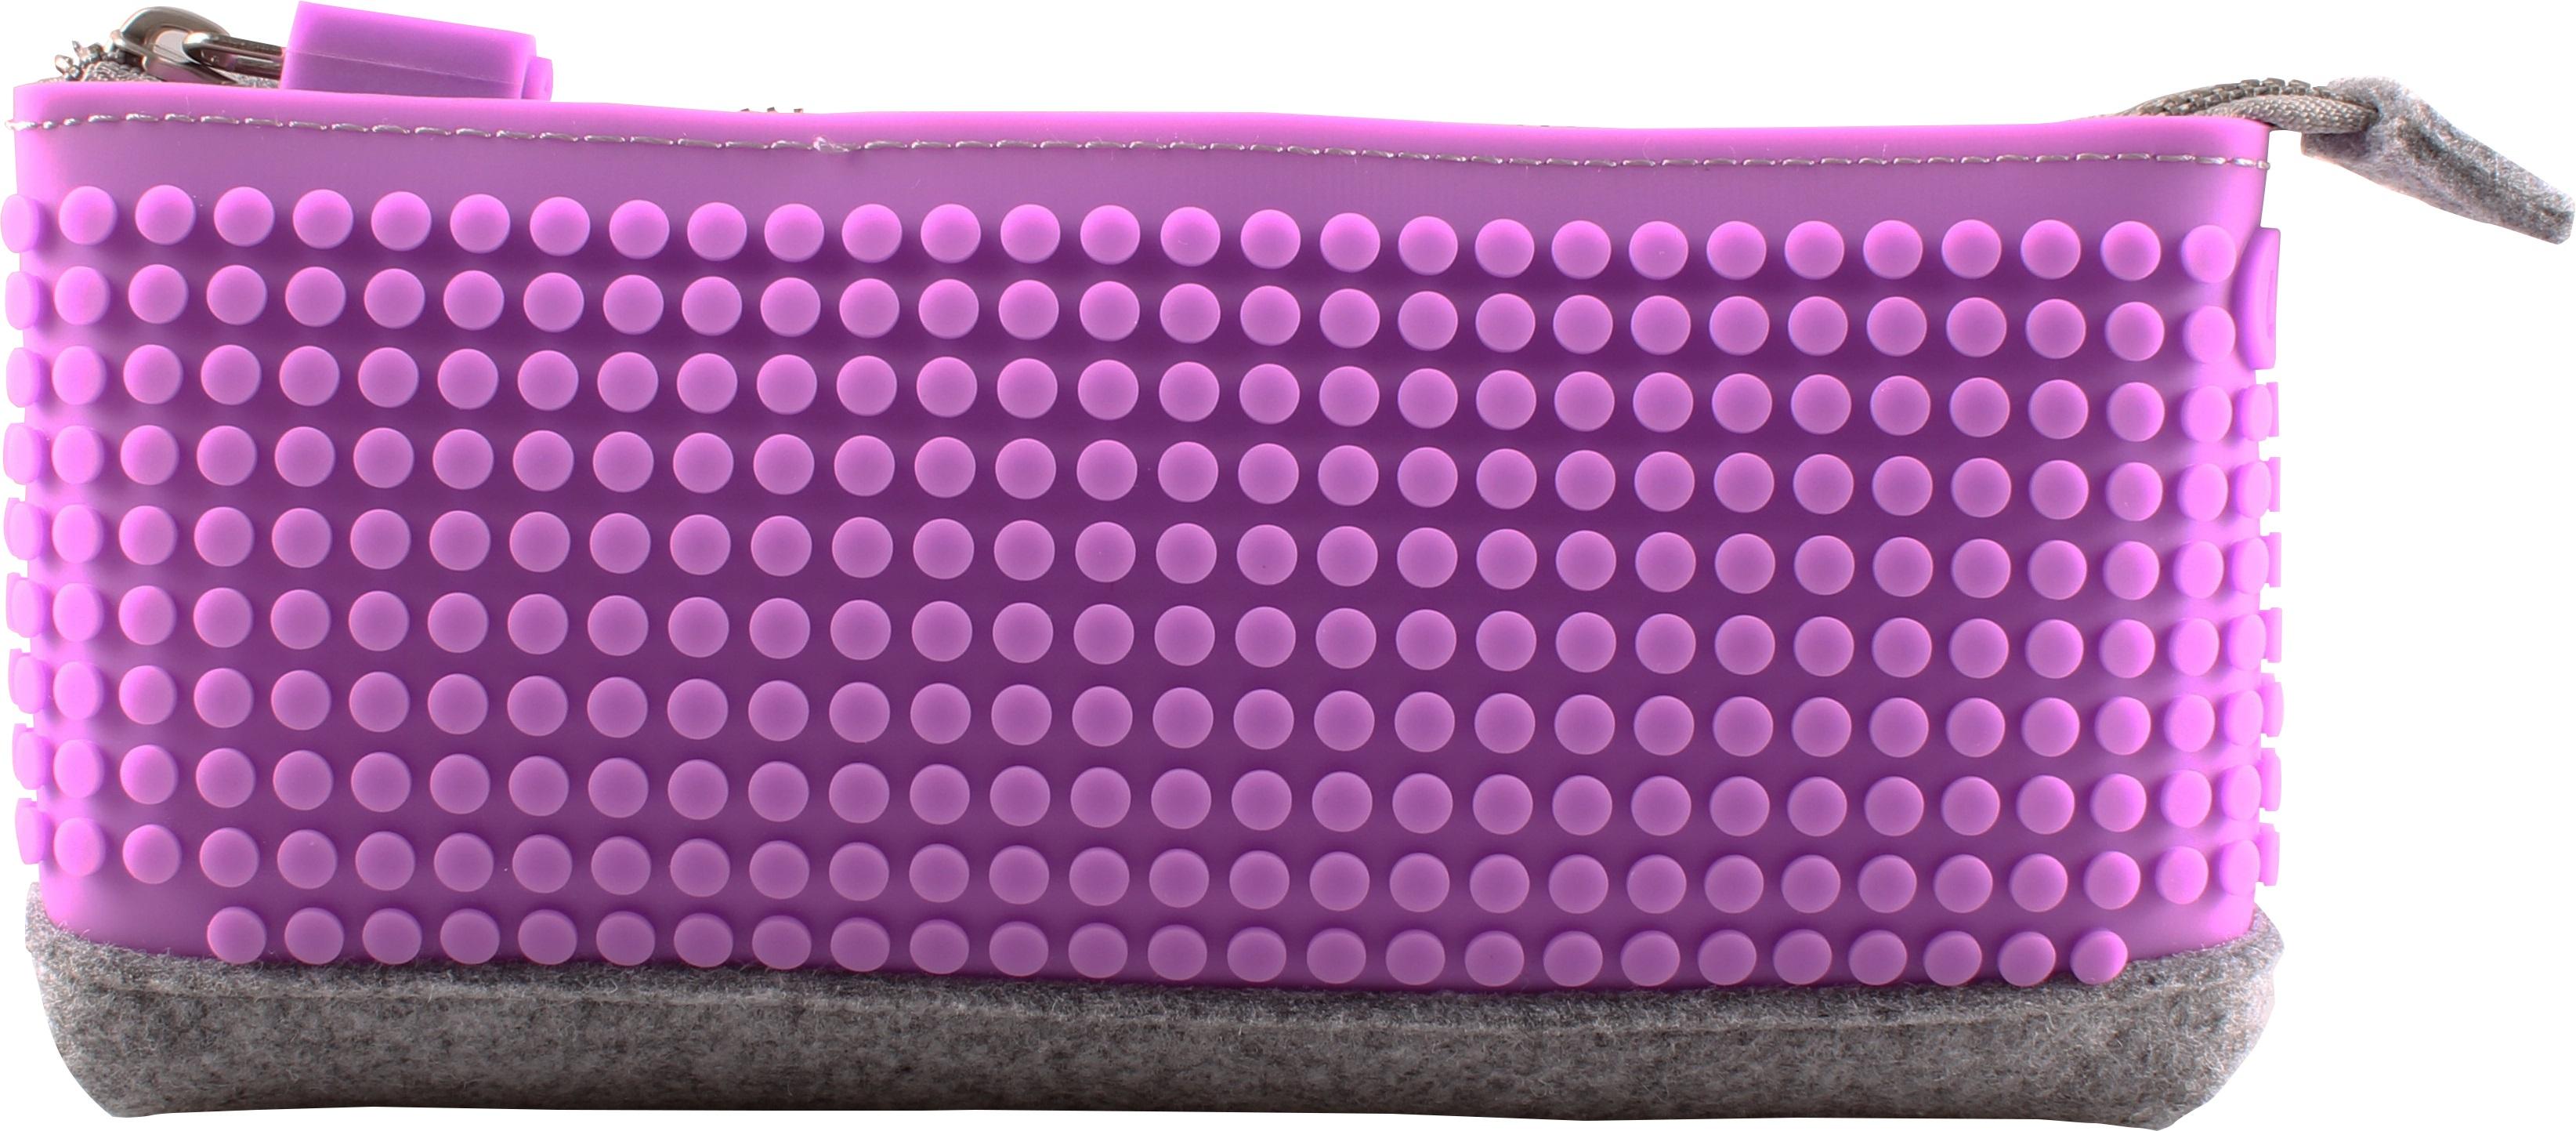 Пиксельный пенал (Pencil Case) WY-B002 (Фиолетовый)Представляем вашему вниманию пиксельный пенал (Pencil Case) WY-B002, имеющий силиконовую панель, на которой с помощью «пикселей» в виде мозаики выкладывается абсолютно любой рисунок.<br>